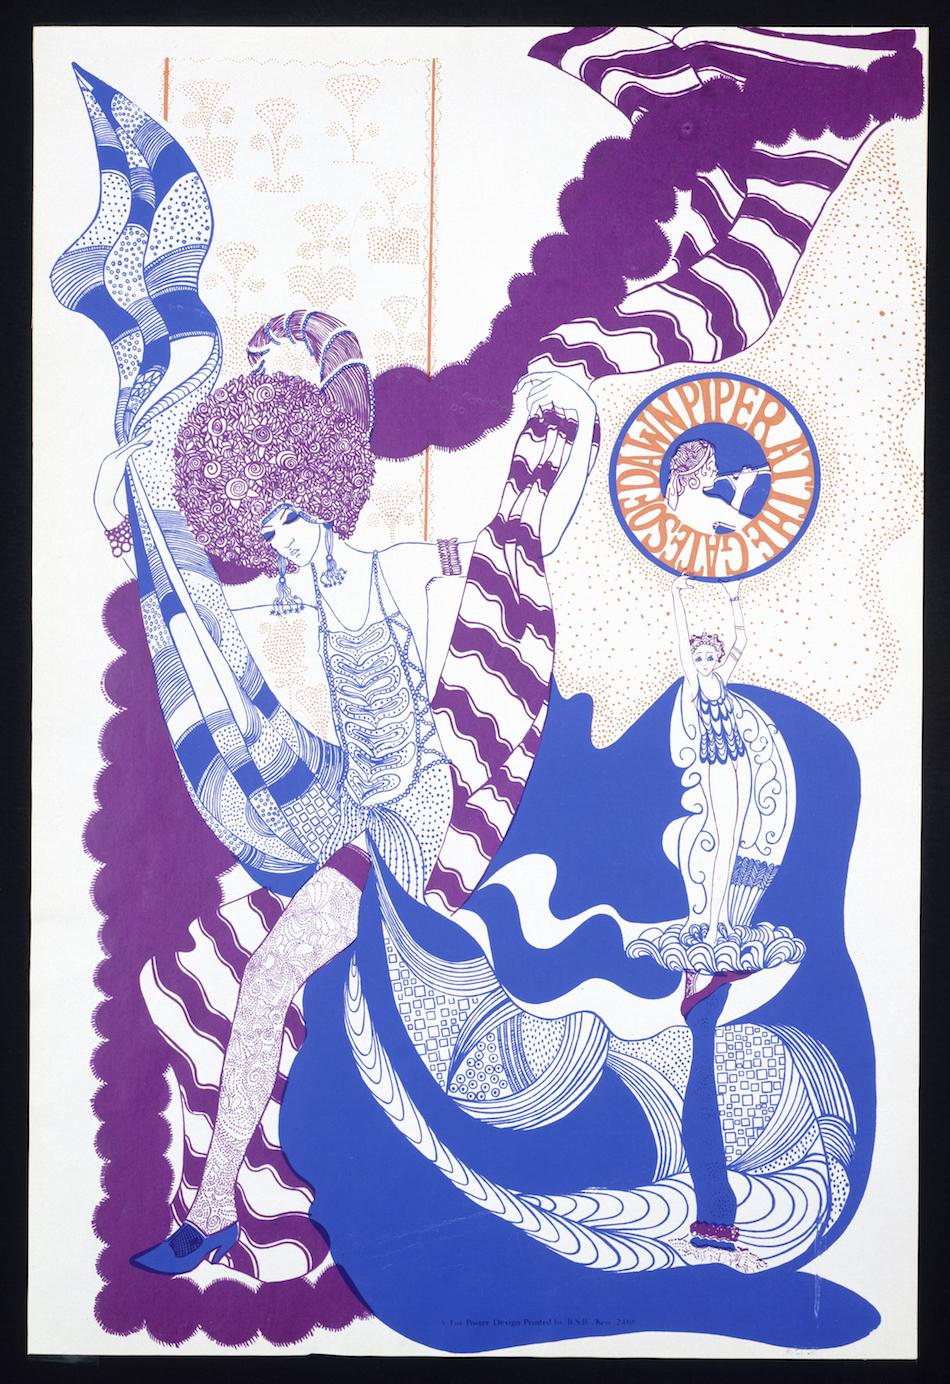 Poster per il lancio dell'album Piper at The Gates of Dawn dei Pink Floyd del 1967